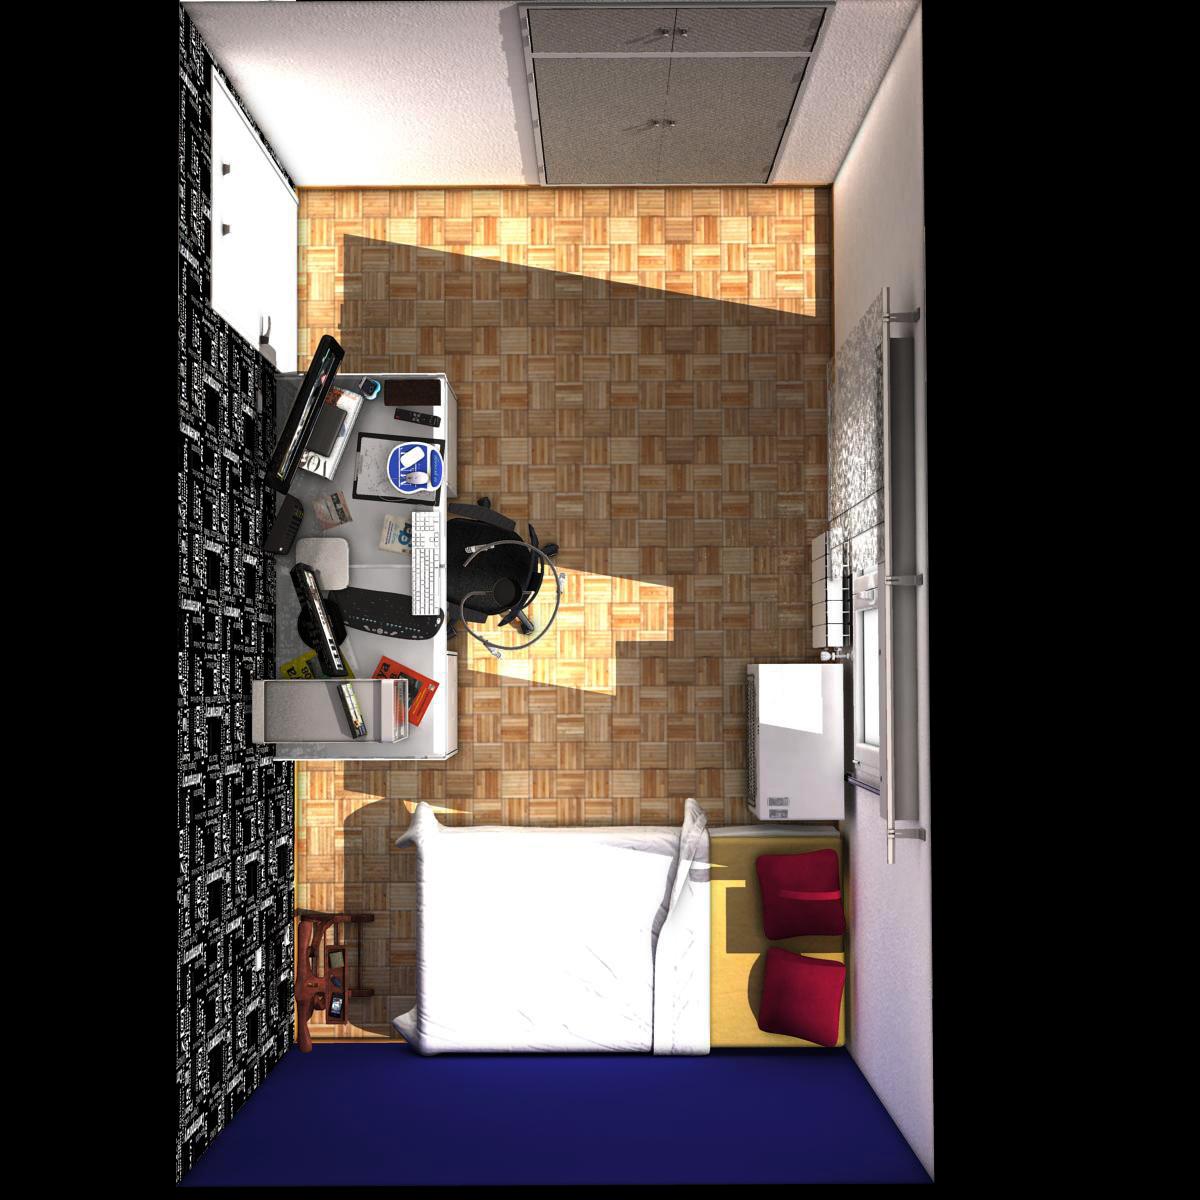 room 3d model 3ds max fbx c4d ma mb obj 159592